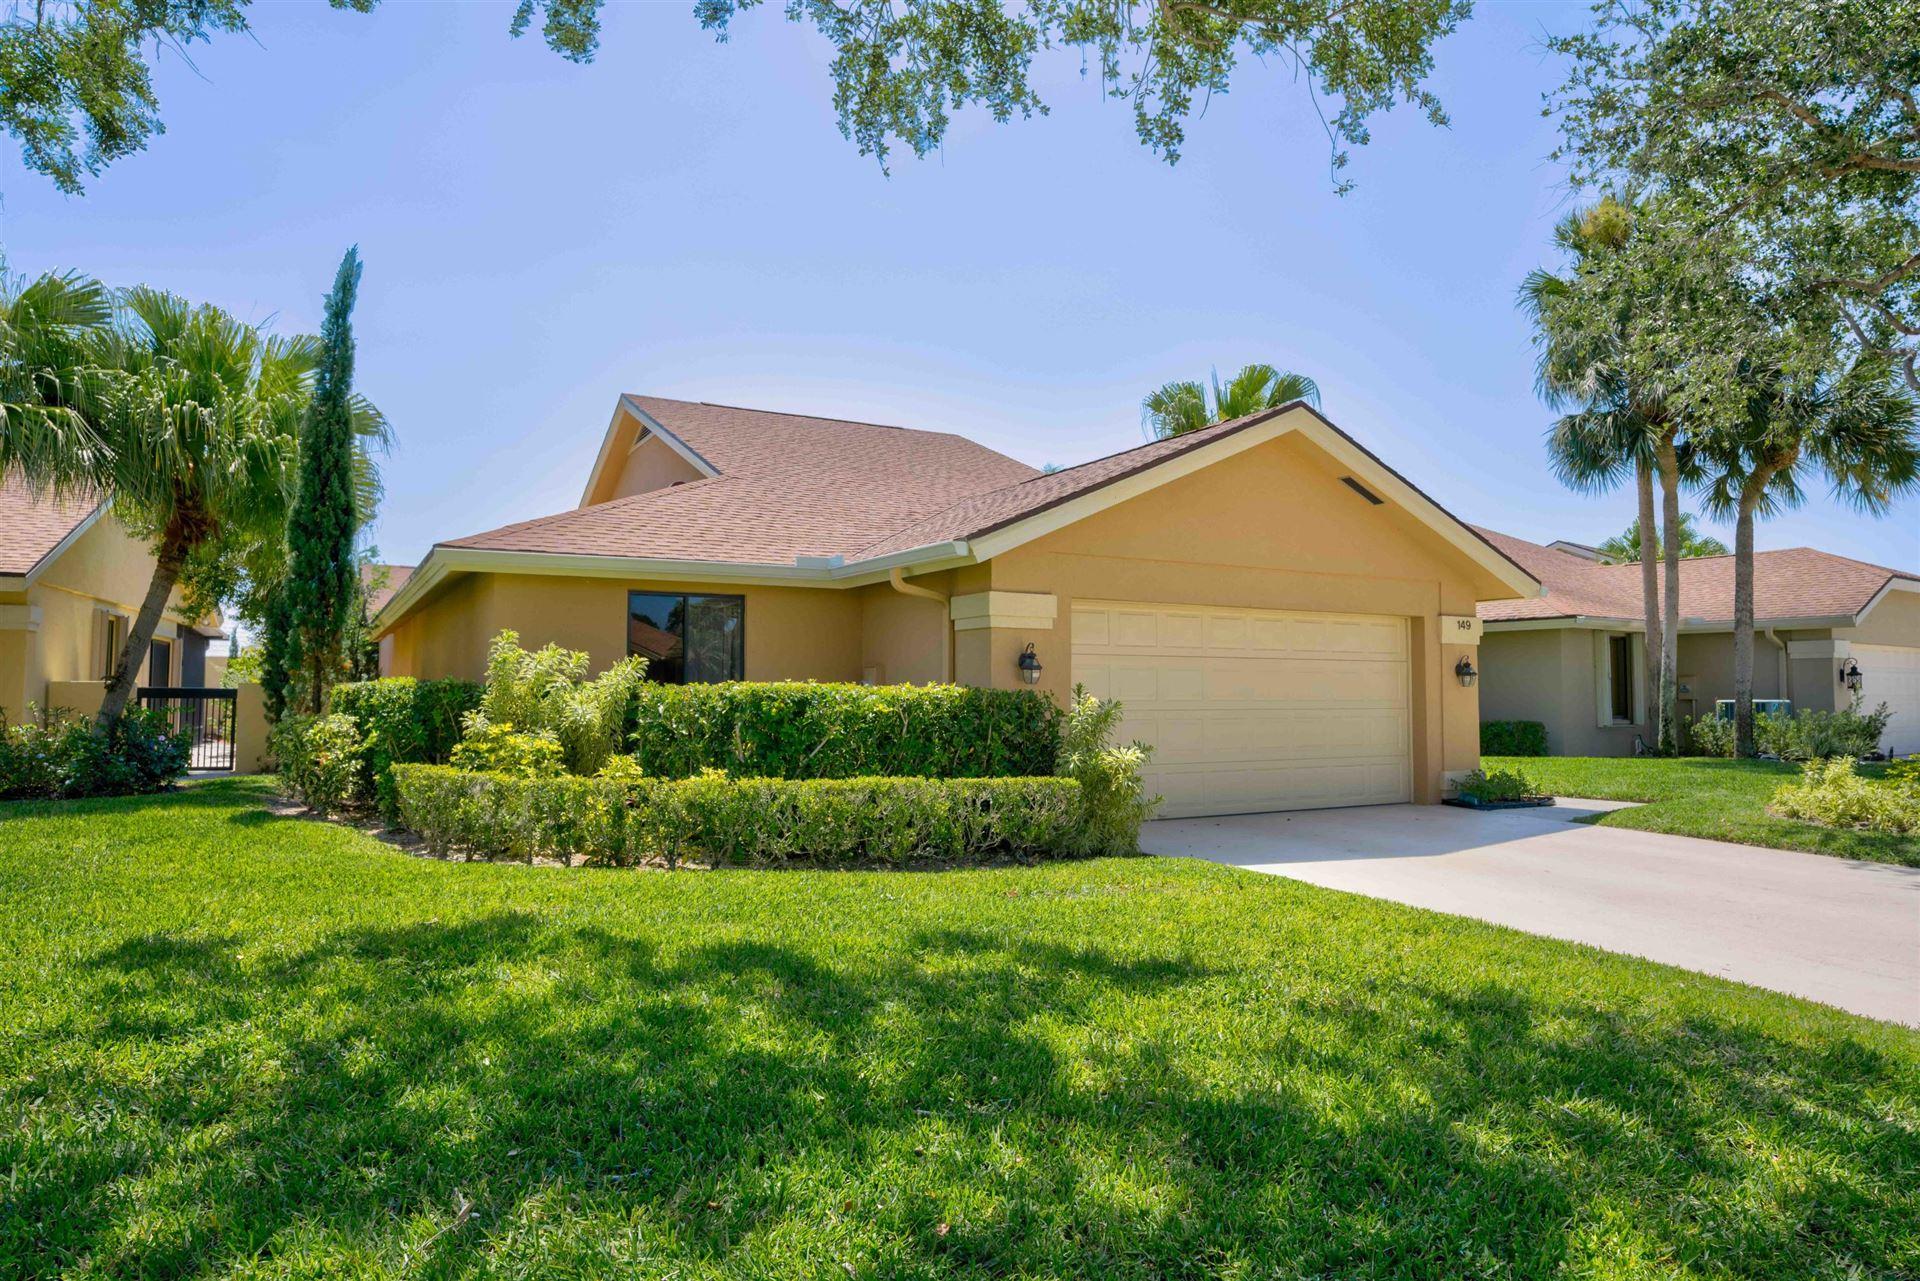 Photo of 149 Beach Summit Court, Jupiter, FL 33477 (MLS # RX-10707594)